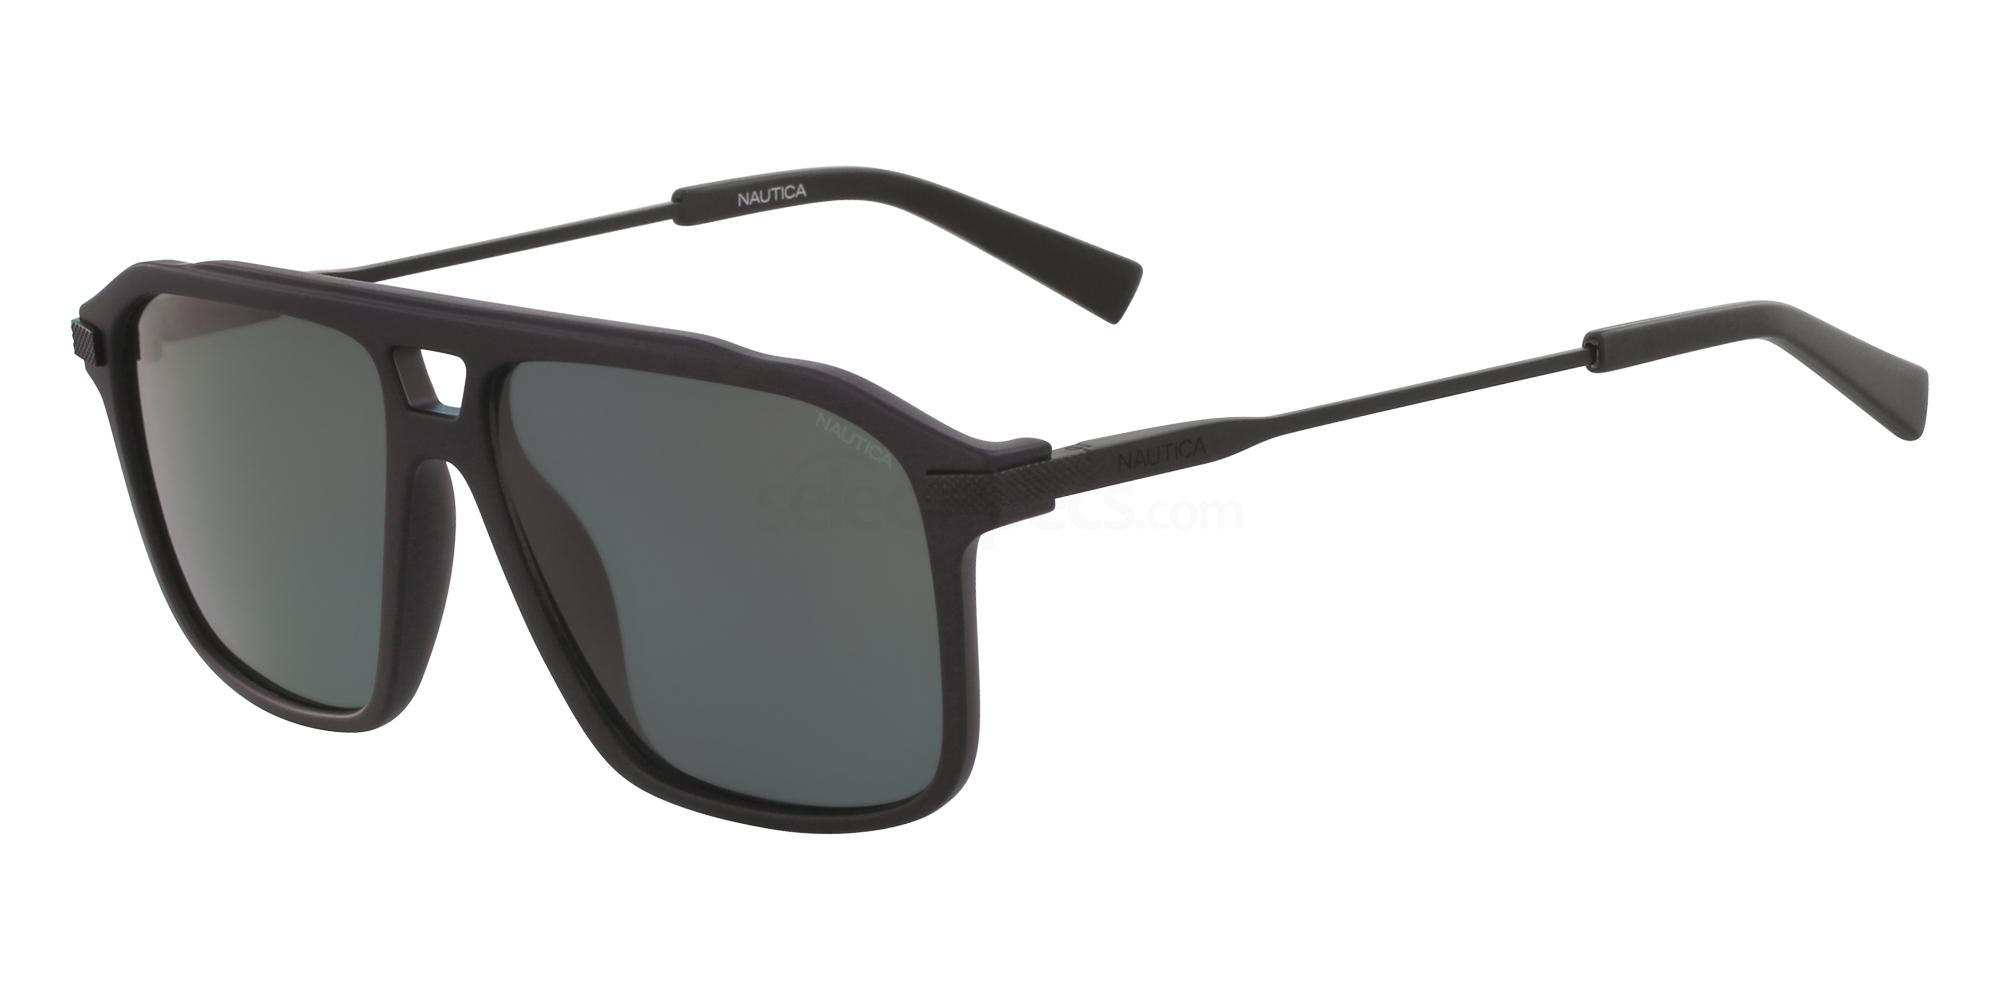 005 N3634SP Sunglasses, Nautica